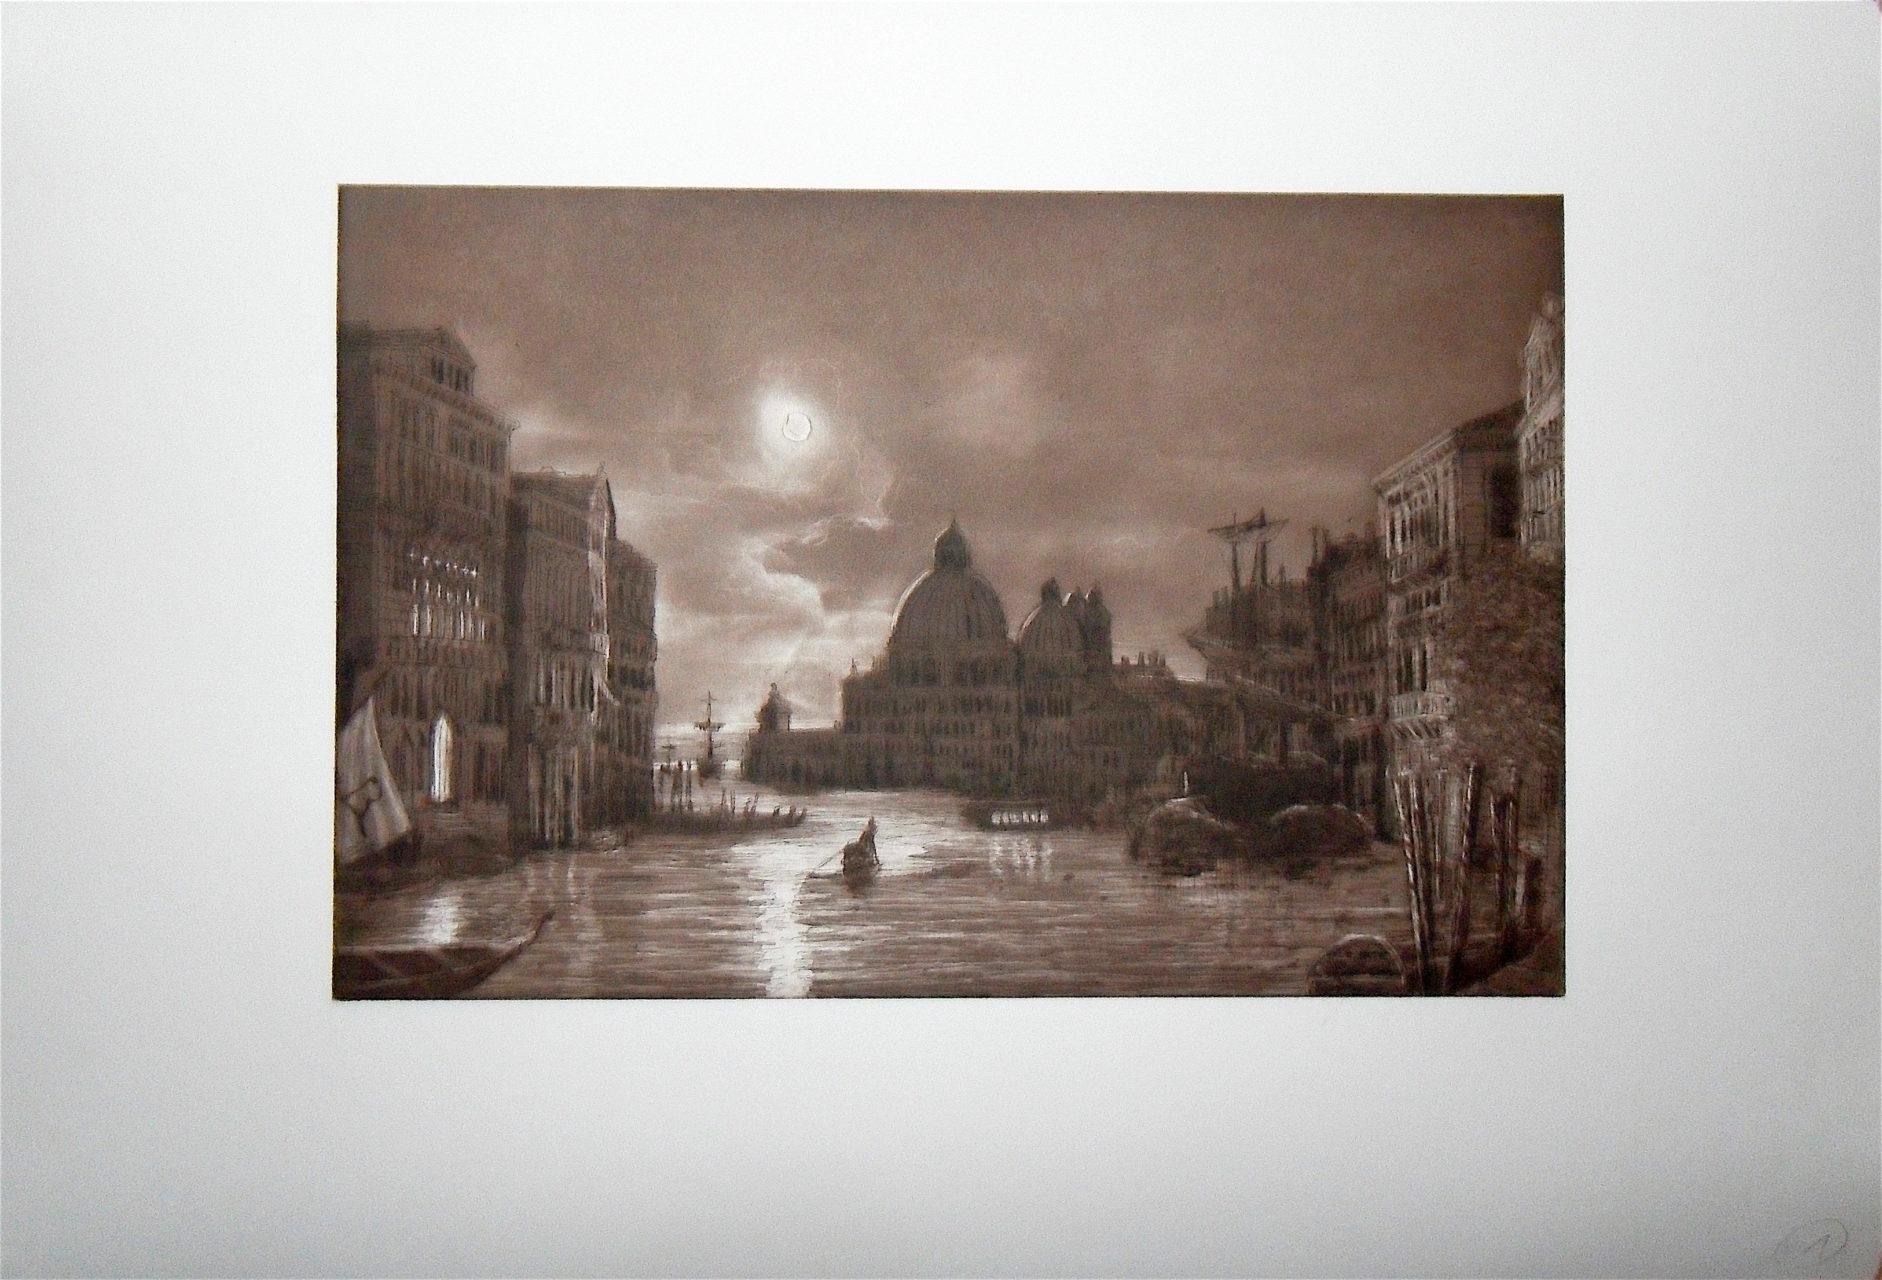 Huckleberry Friends-Venedig bei Nacht-Auflage im Auftrag